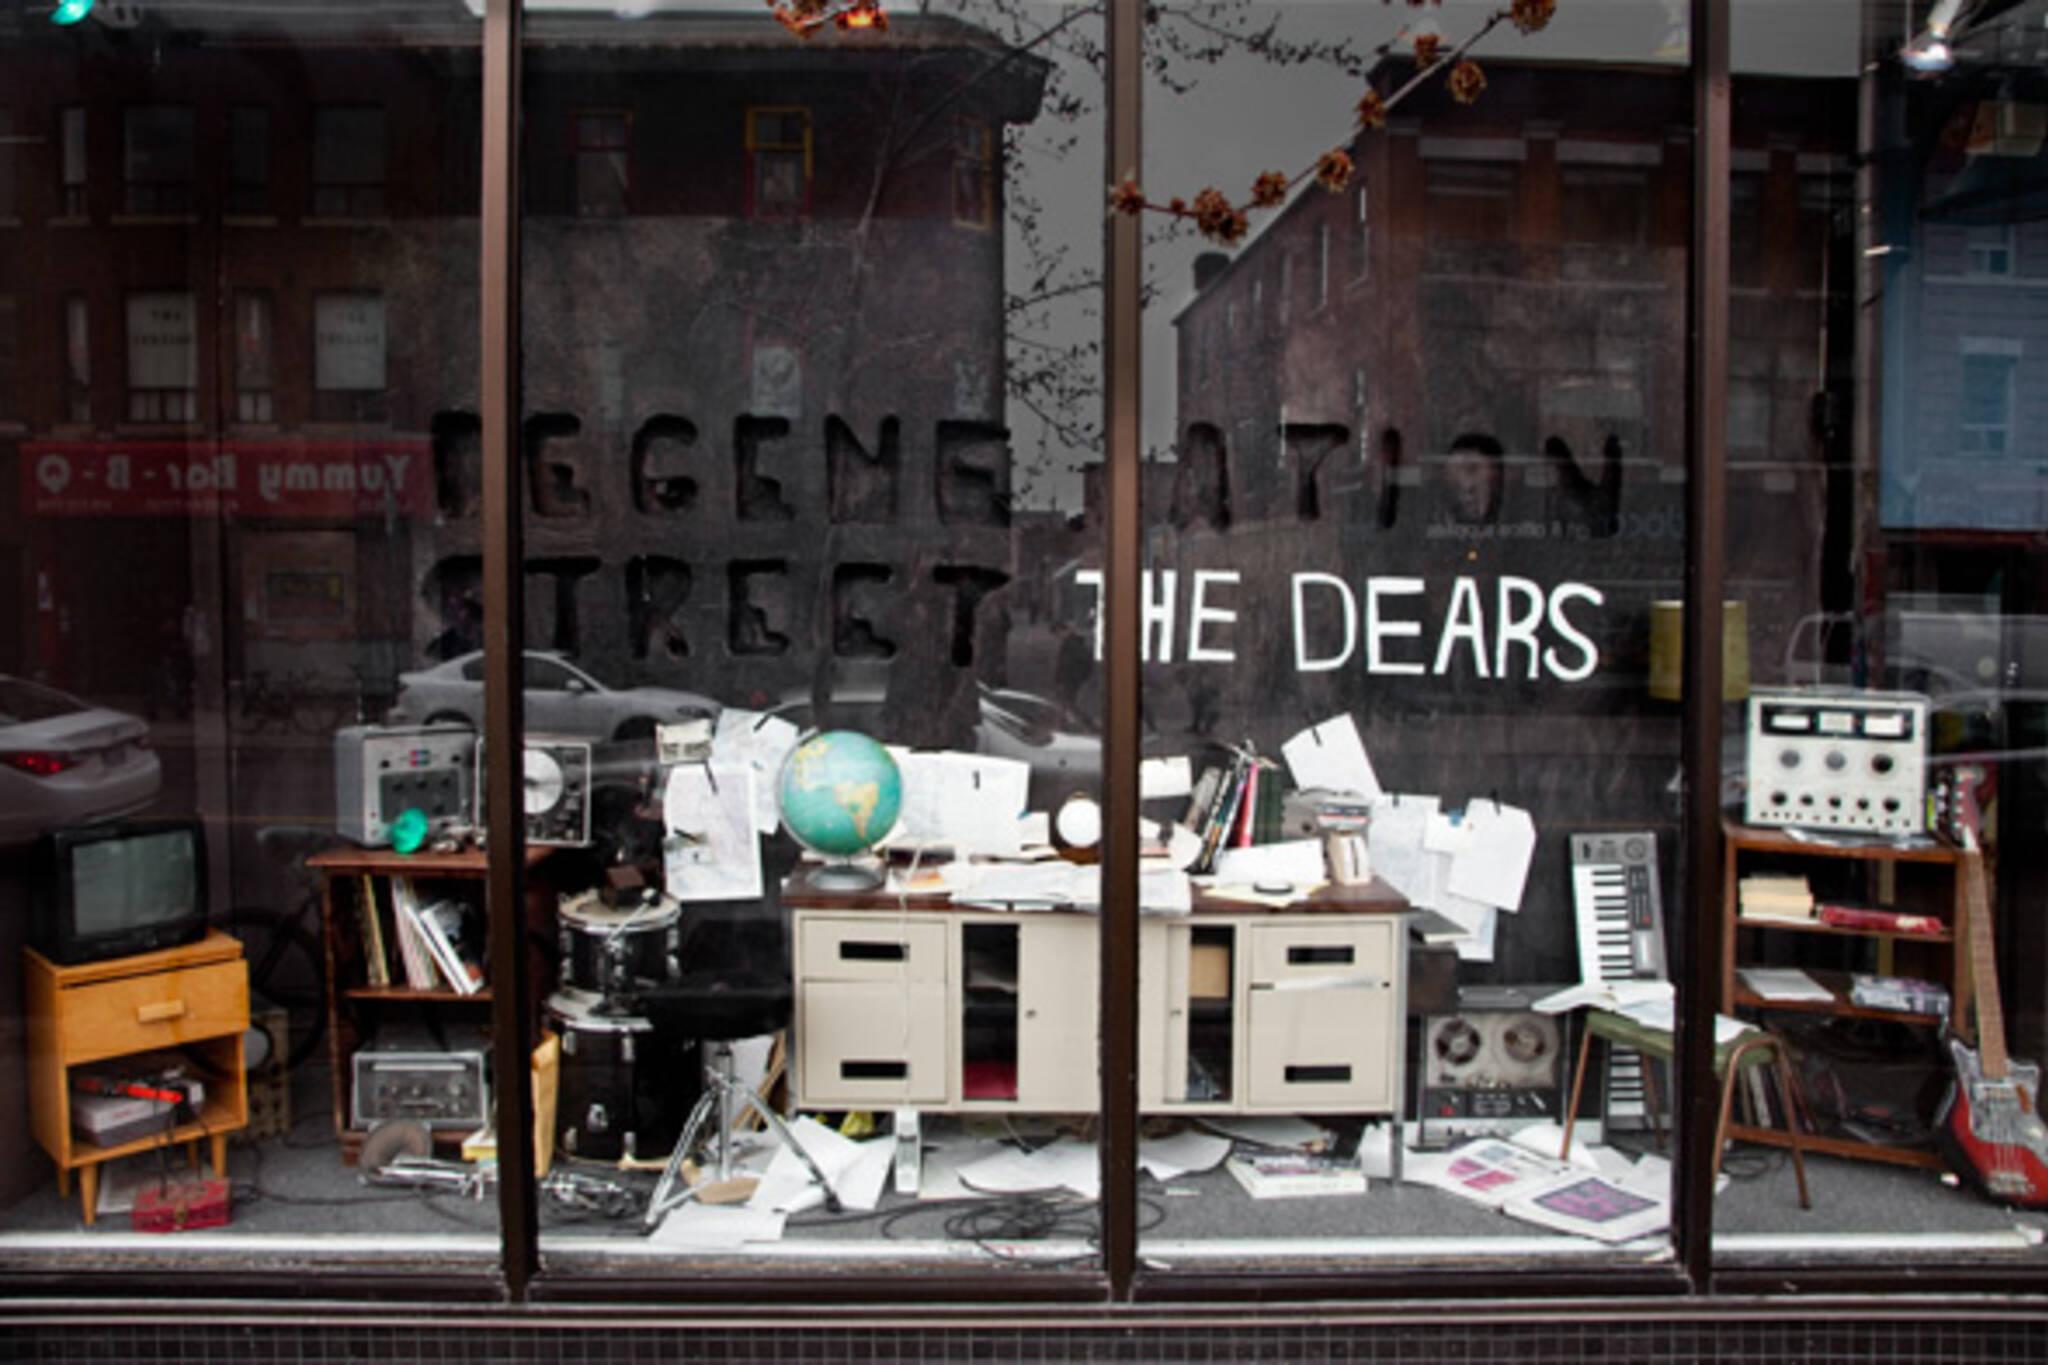 The Dears - Degeneration Street